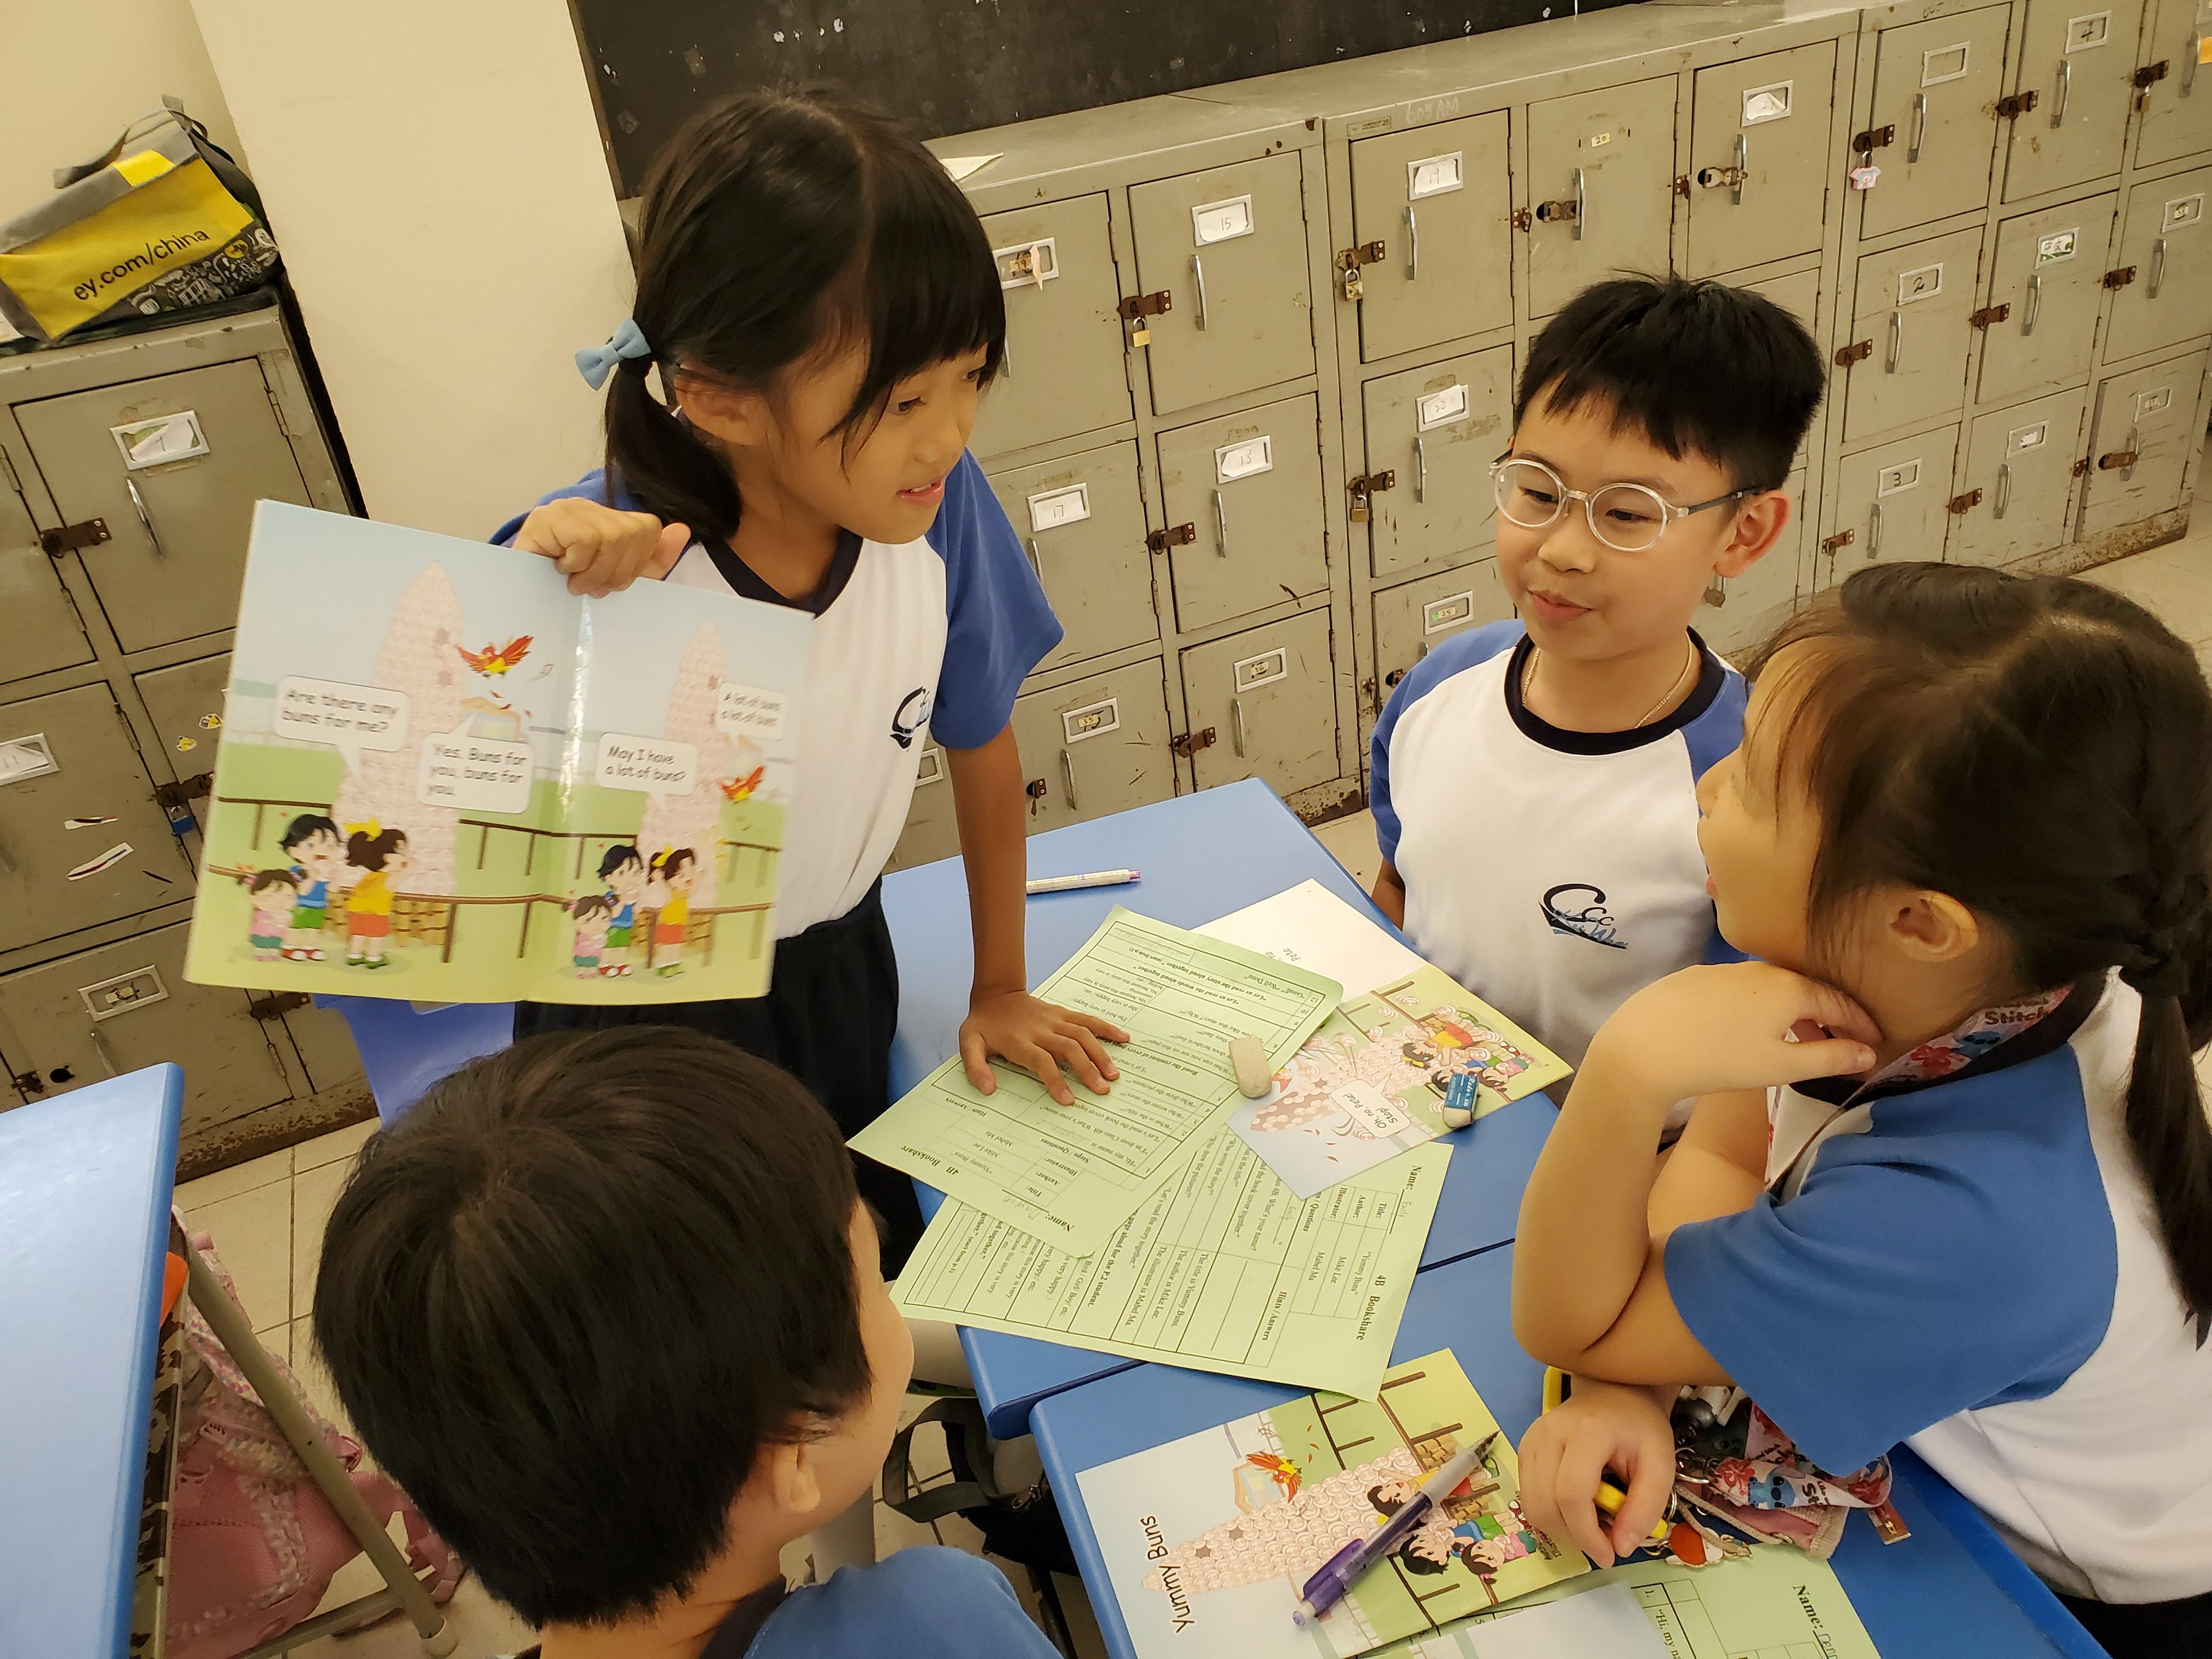 http://www.keiwan.edu.hk/sites/default/files/36_1.jpg